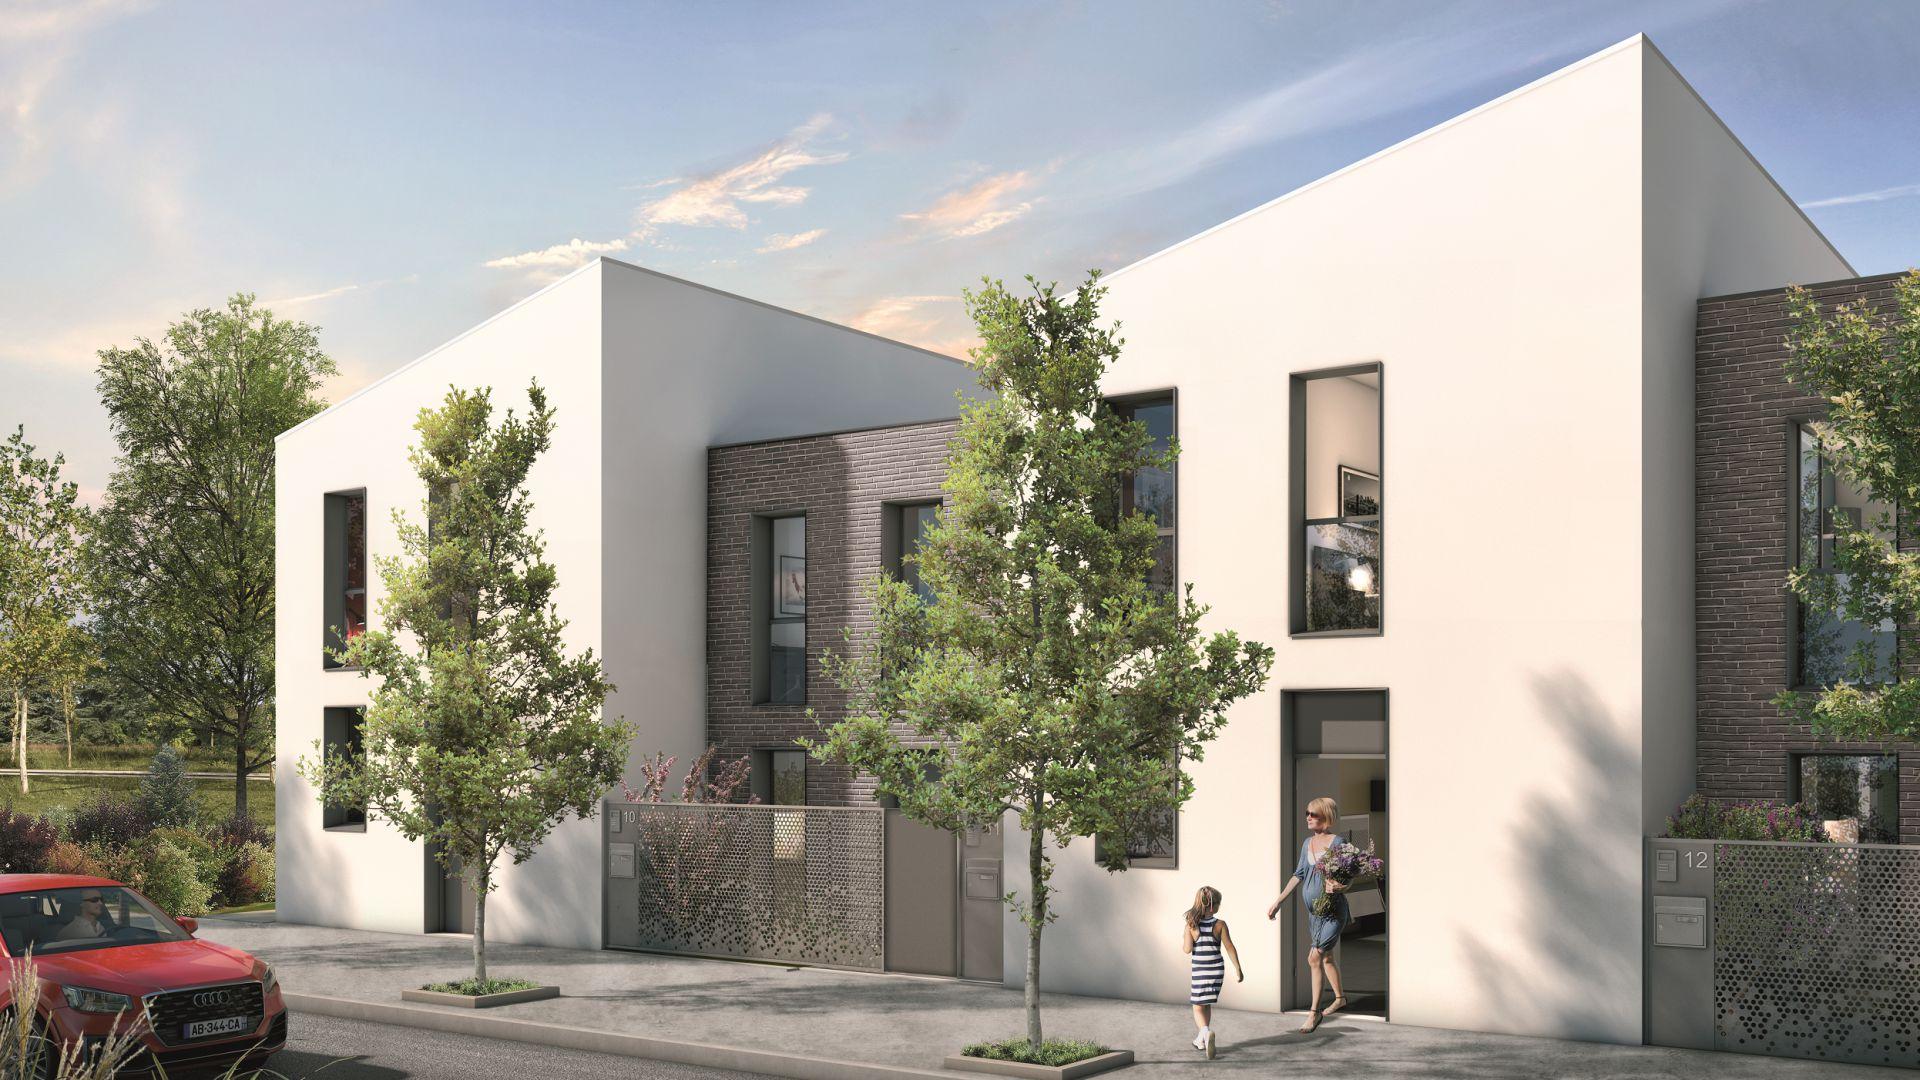 GreenCity immobilier - Blagnac-Beauzelle - 31700 - LB47 - appartements et villas - T2 - T3 - T4 -T5 - villa T4